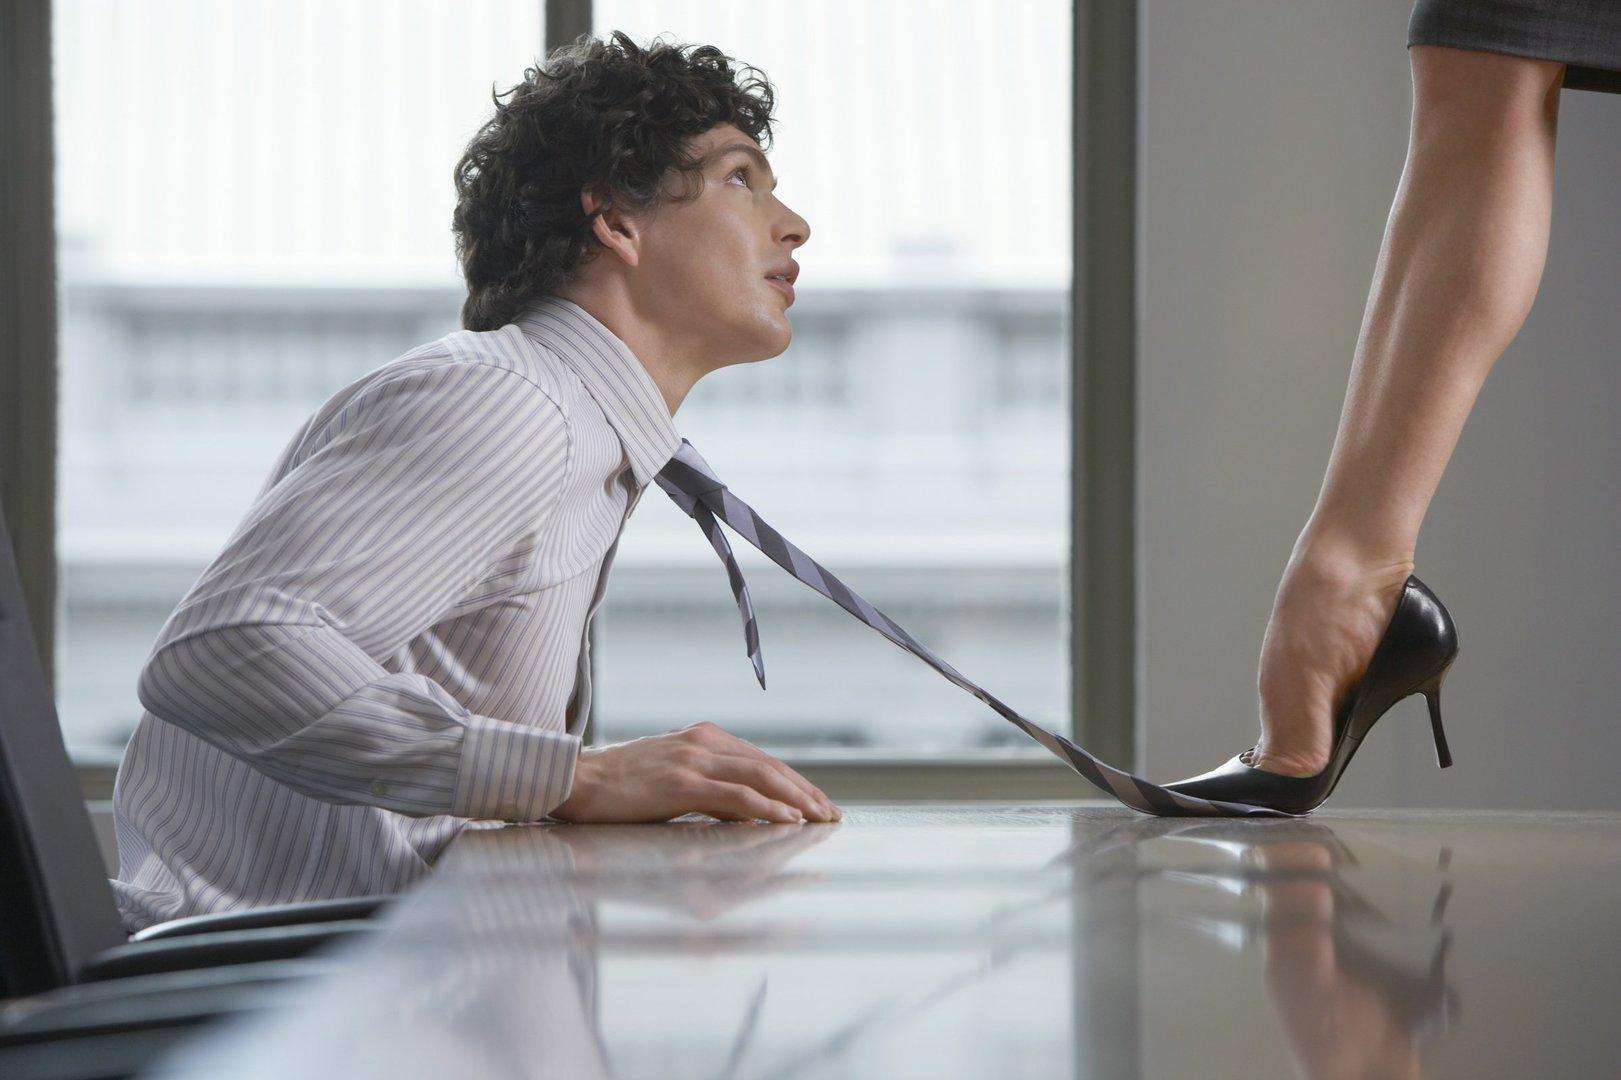 erekcija žiūrint į moterį kaip traukiant nari